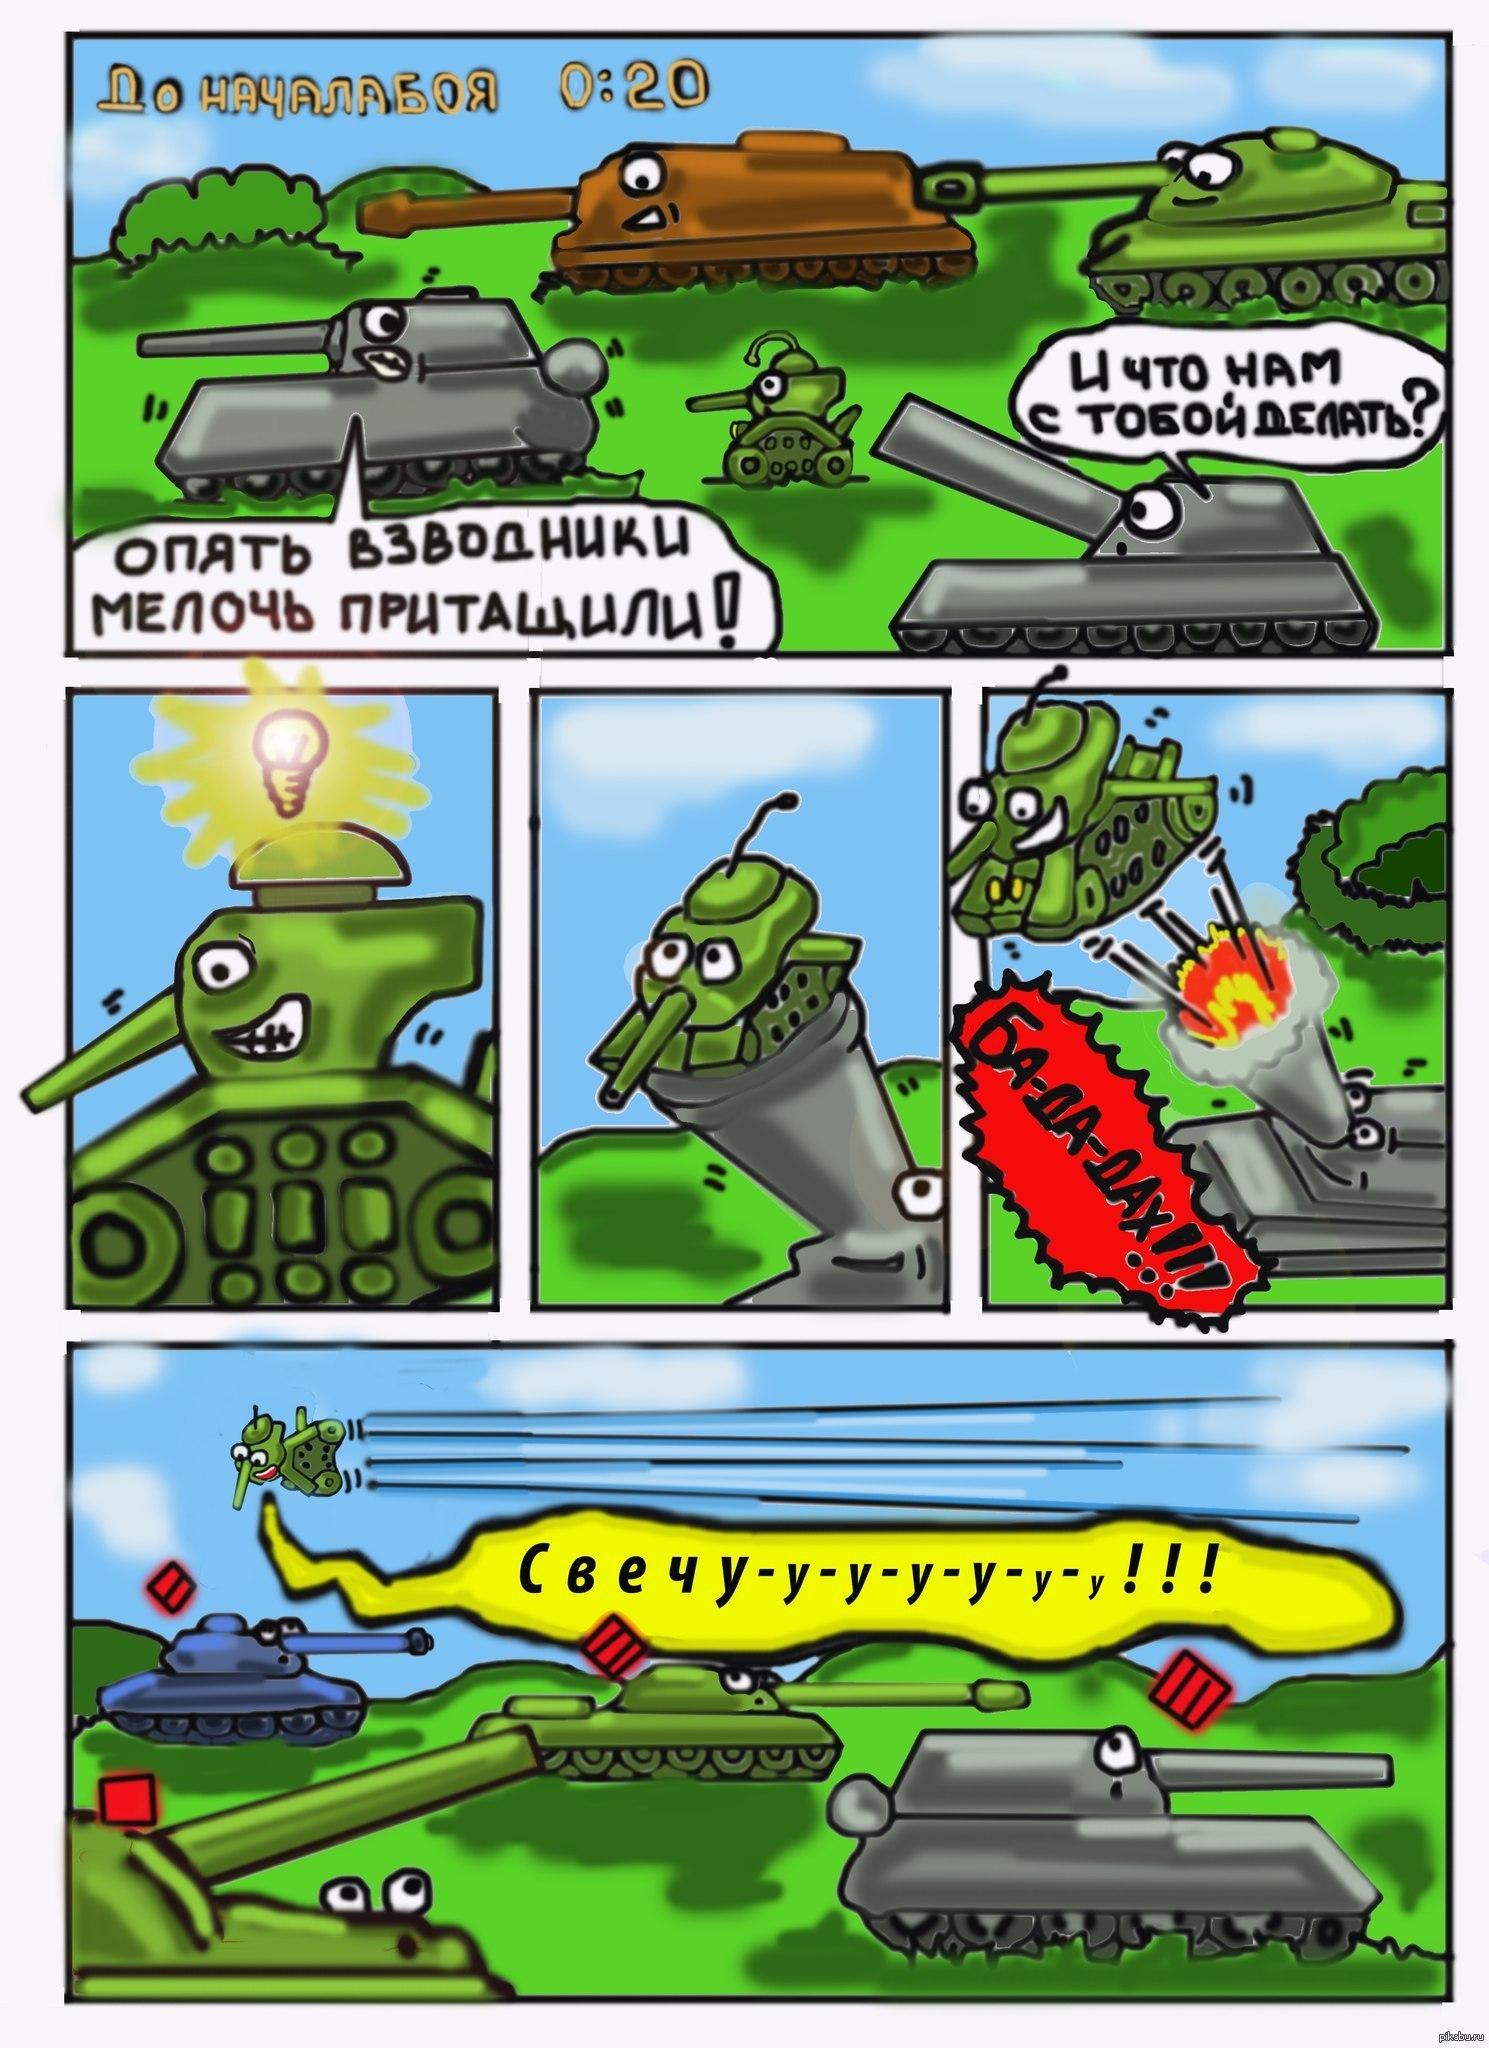 Картинки с приколами с танками, новочеркасска